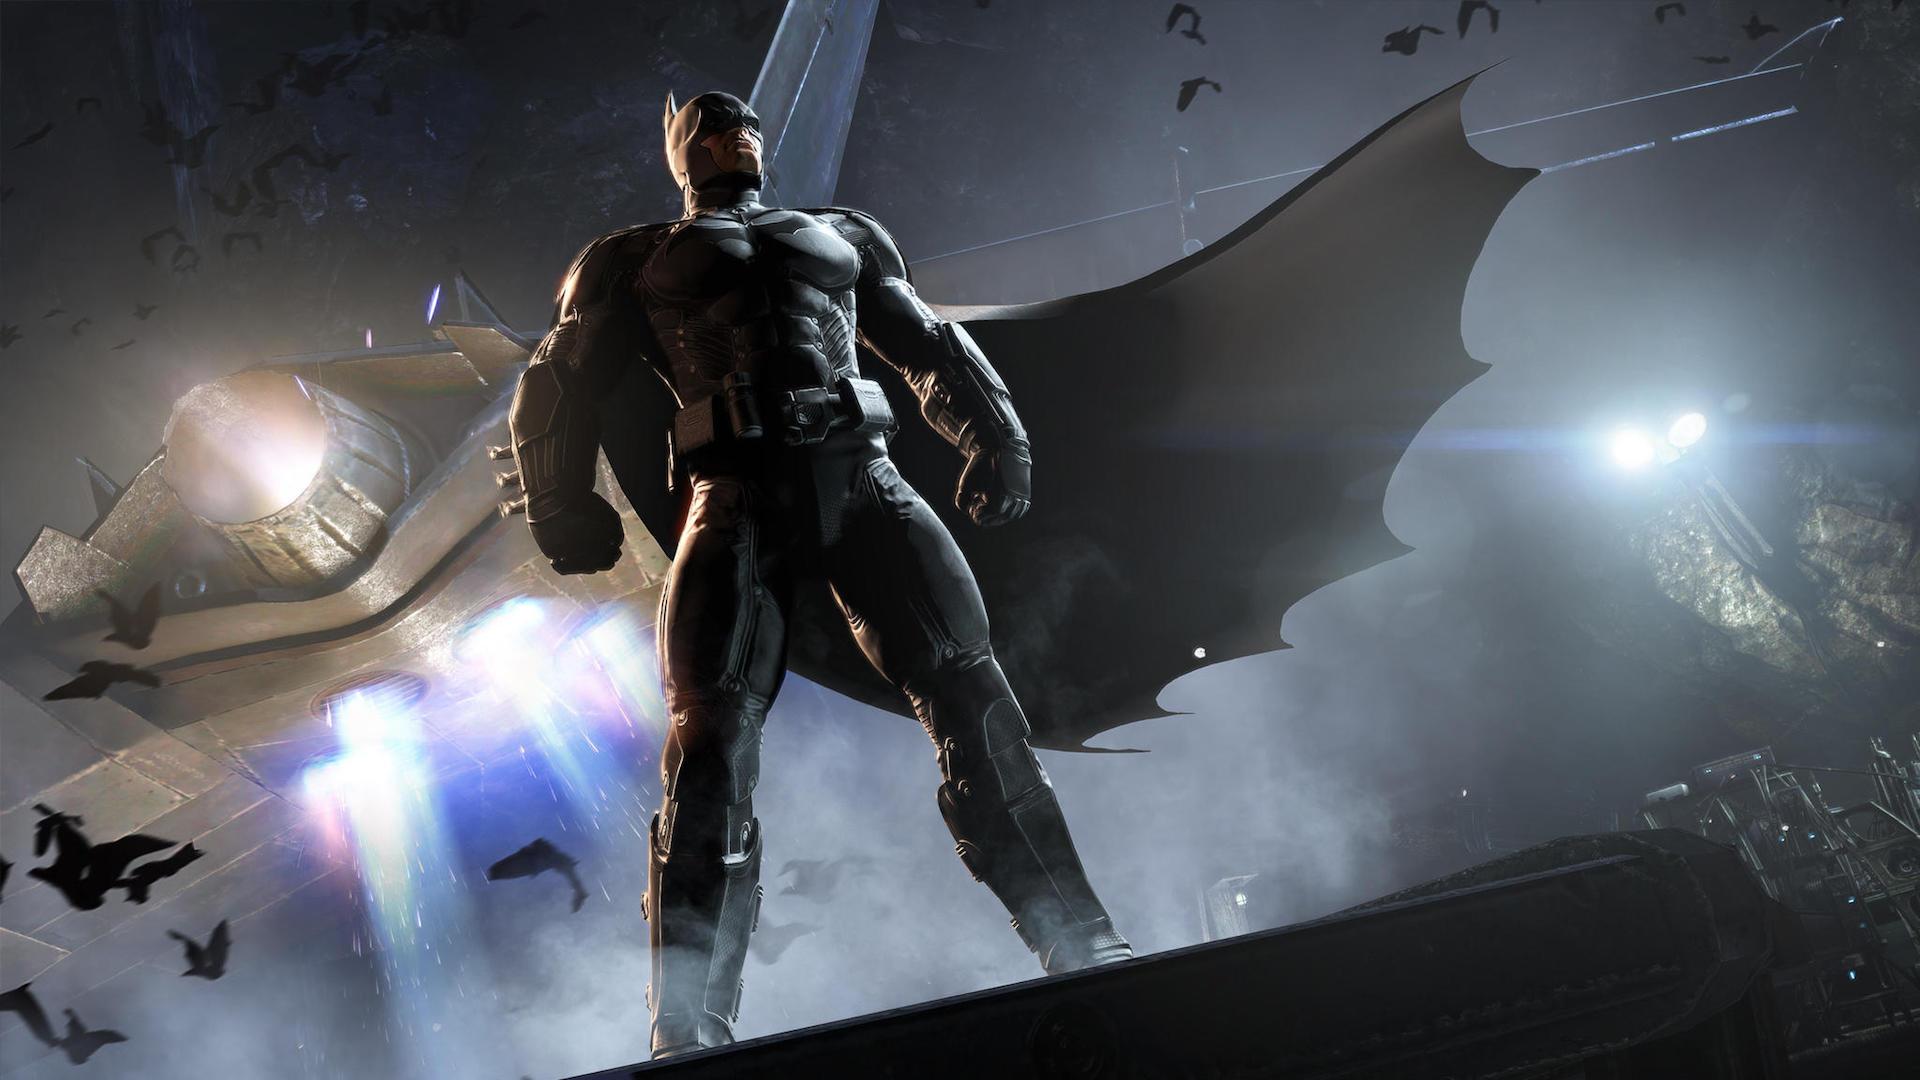 سیستم نمسیس در بازی جدید Batman